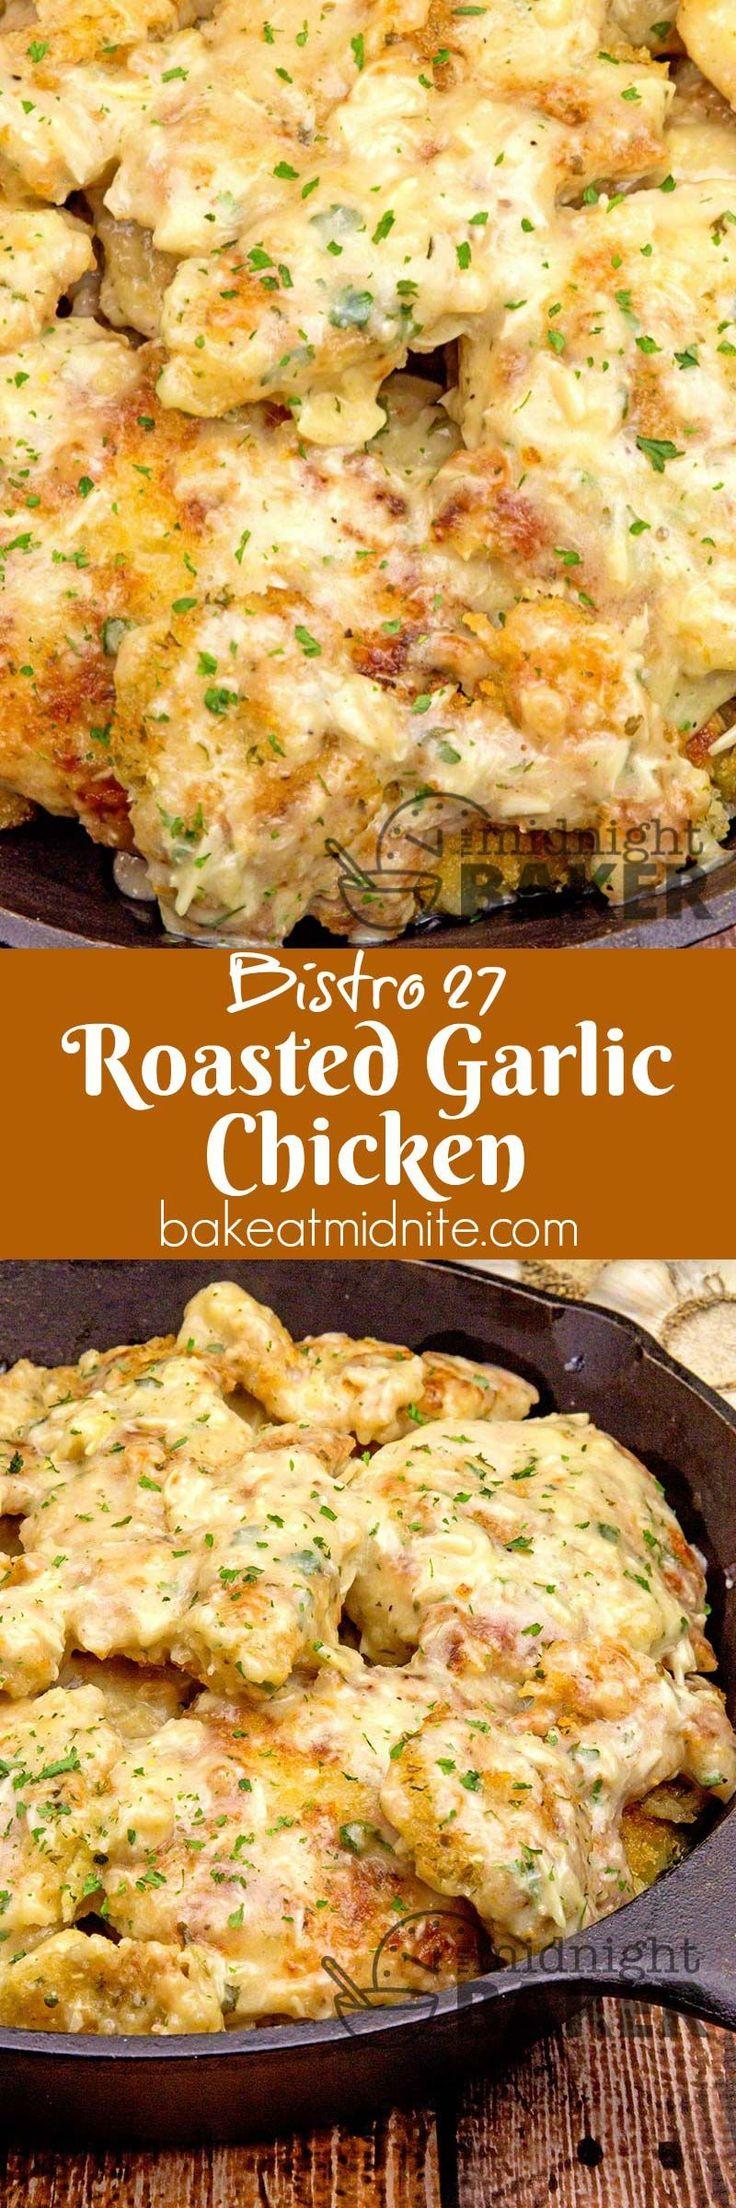 Bistro 27 Roasted Garlic Chicken Recipe